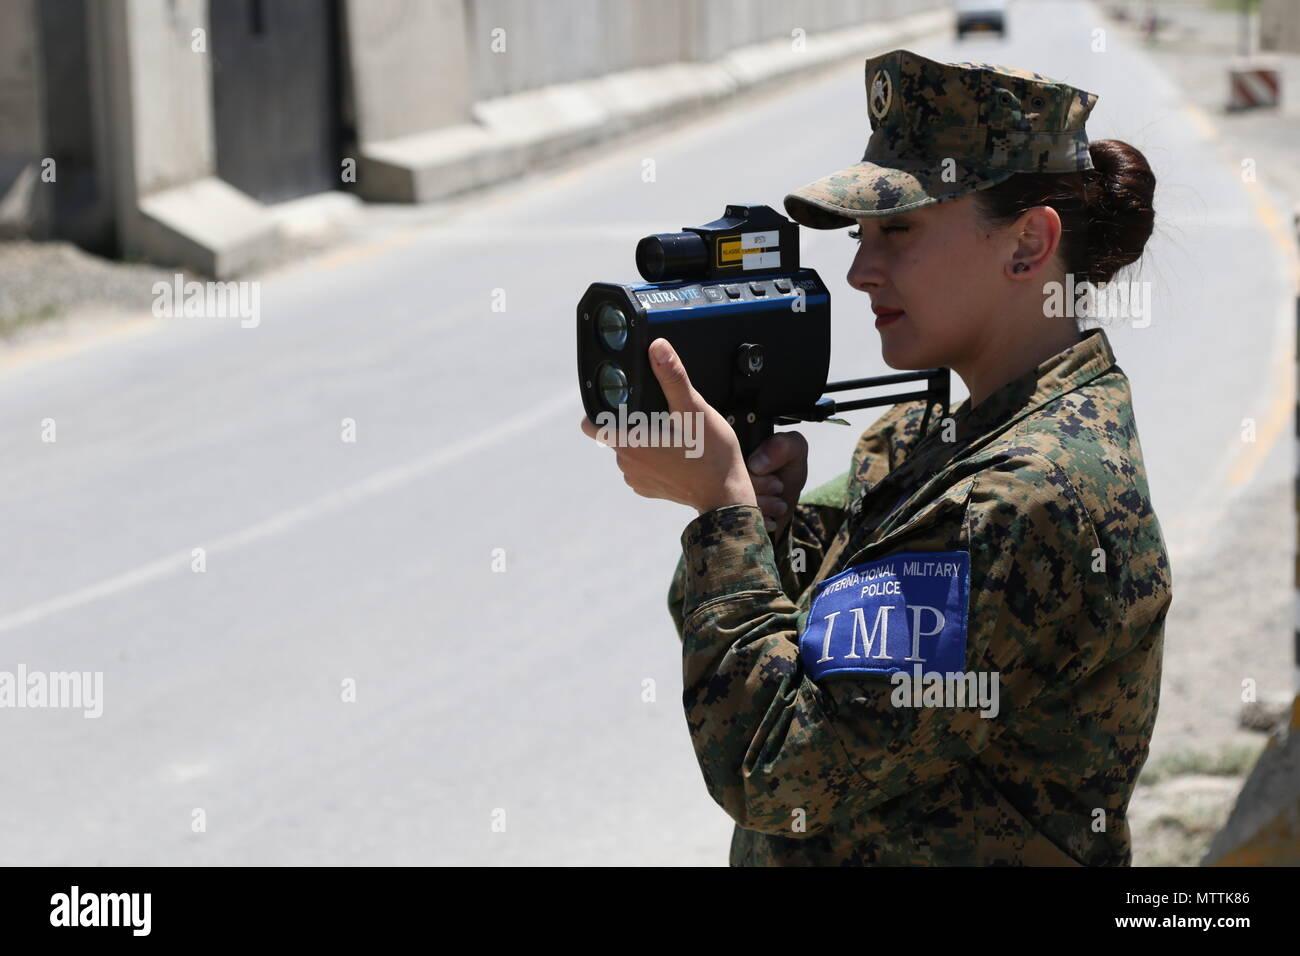 KABUL, Afghanistan (27 Mai 2018) - eine internationale militärische Polizistin aus der Streitkräfte von Bosnien und Herzegowina führt einer routinemäßigen Verkehrskontrolle an Hamid Karzai International Airport, 27. Mai 2018. Bosnien und Herzegowina sind eine von 39 Nationen, die eine wesentliche Rolle in der NATO-Play-LED der entschlossenen Unterstützung der Mission. (Der entschlossenen Unterstützung Foto von Jordanien Belser) Stockfoto